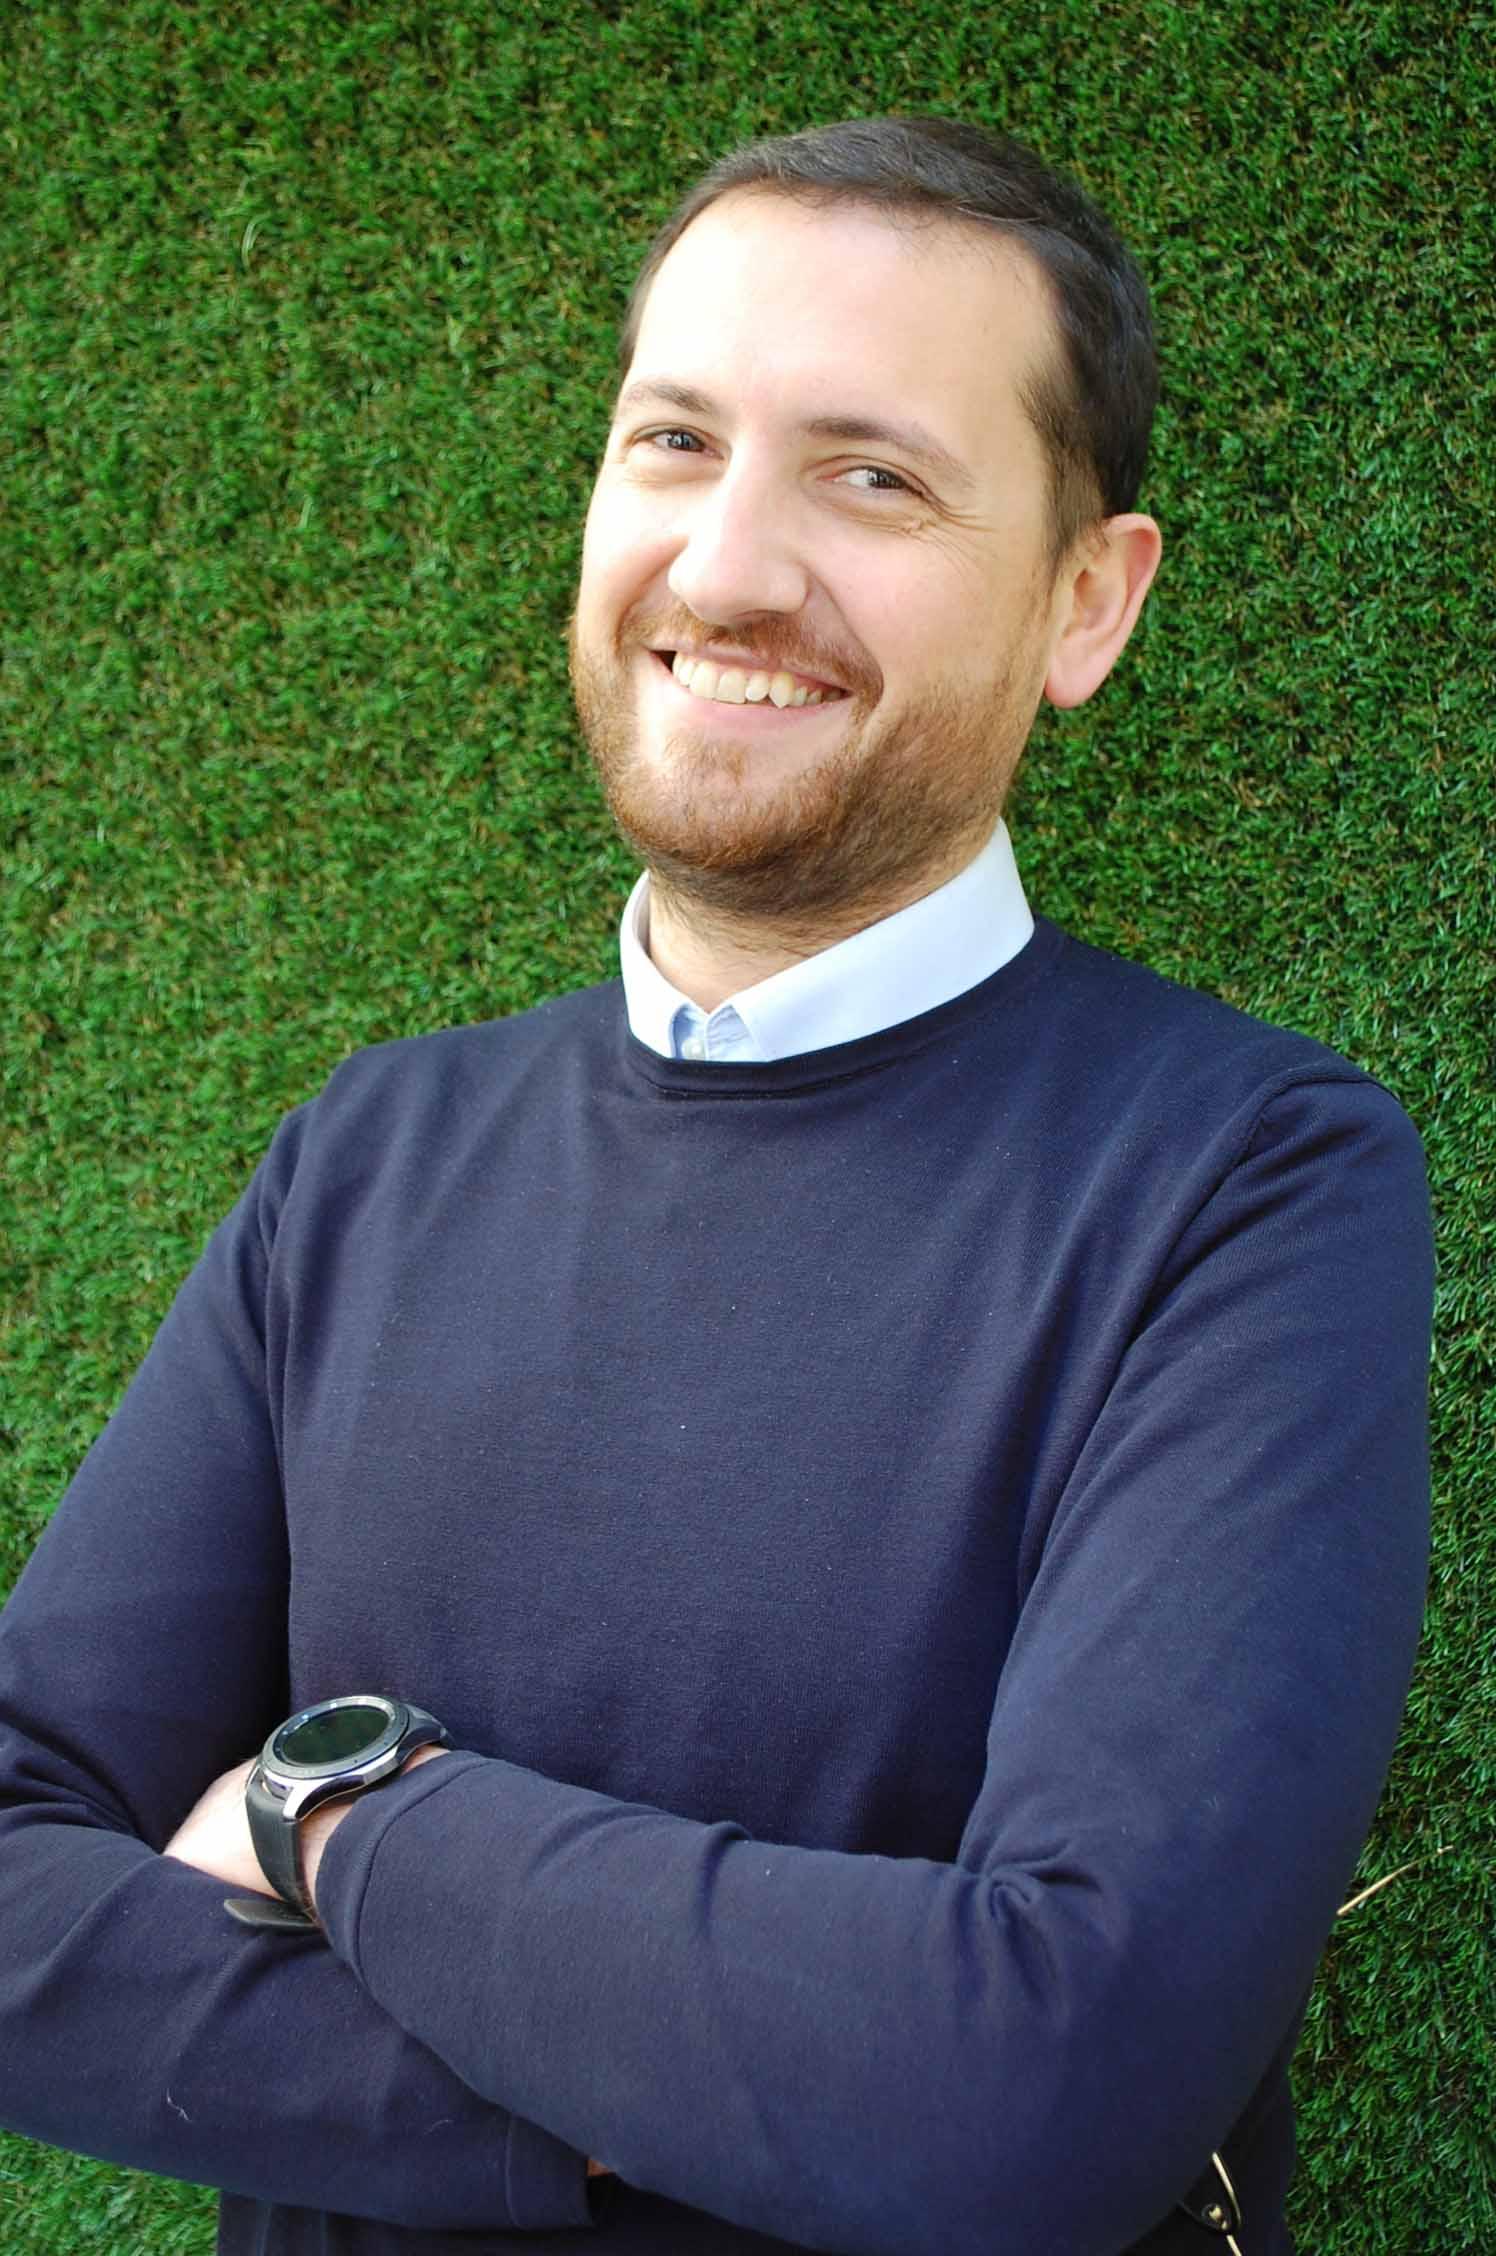 Stefano Roman Landschaftsarchitekt